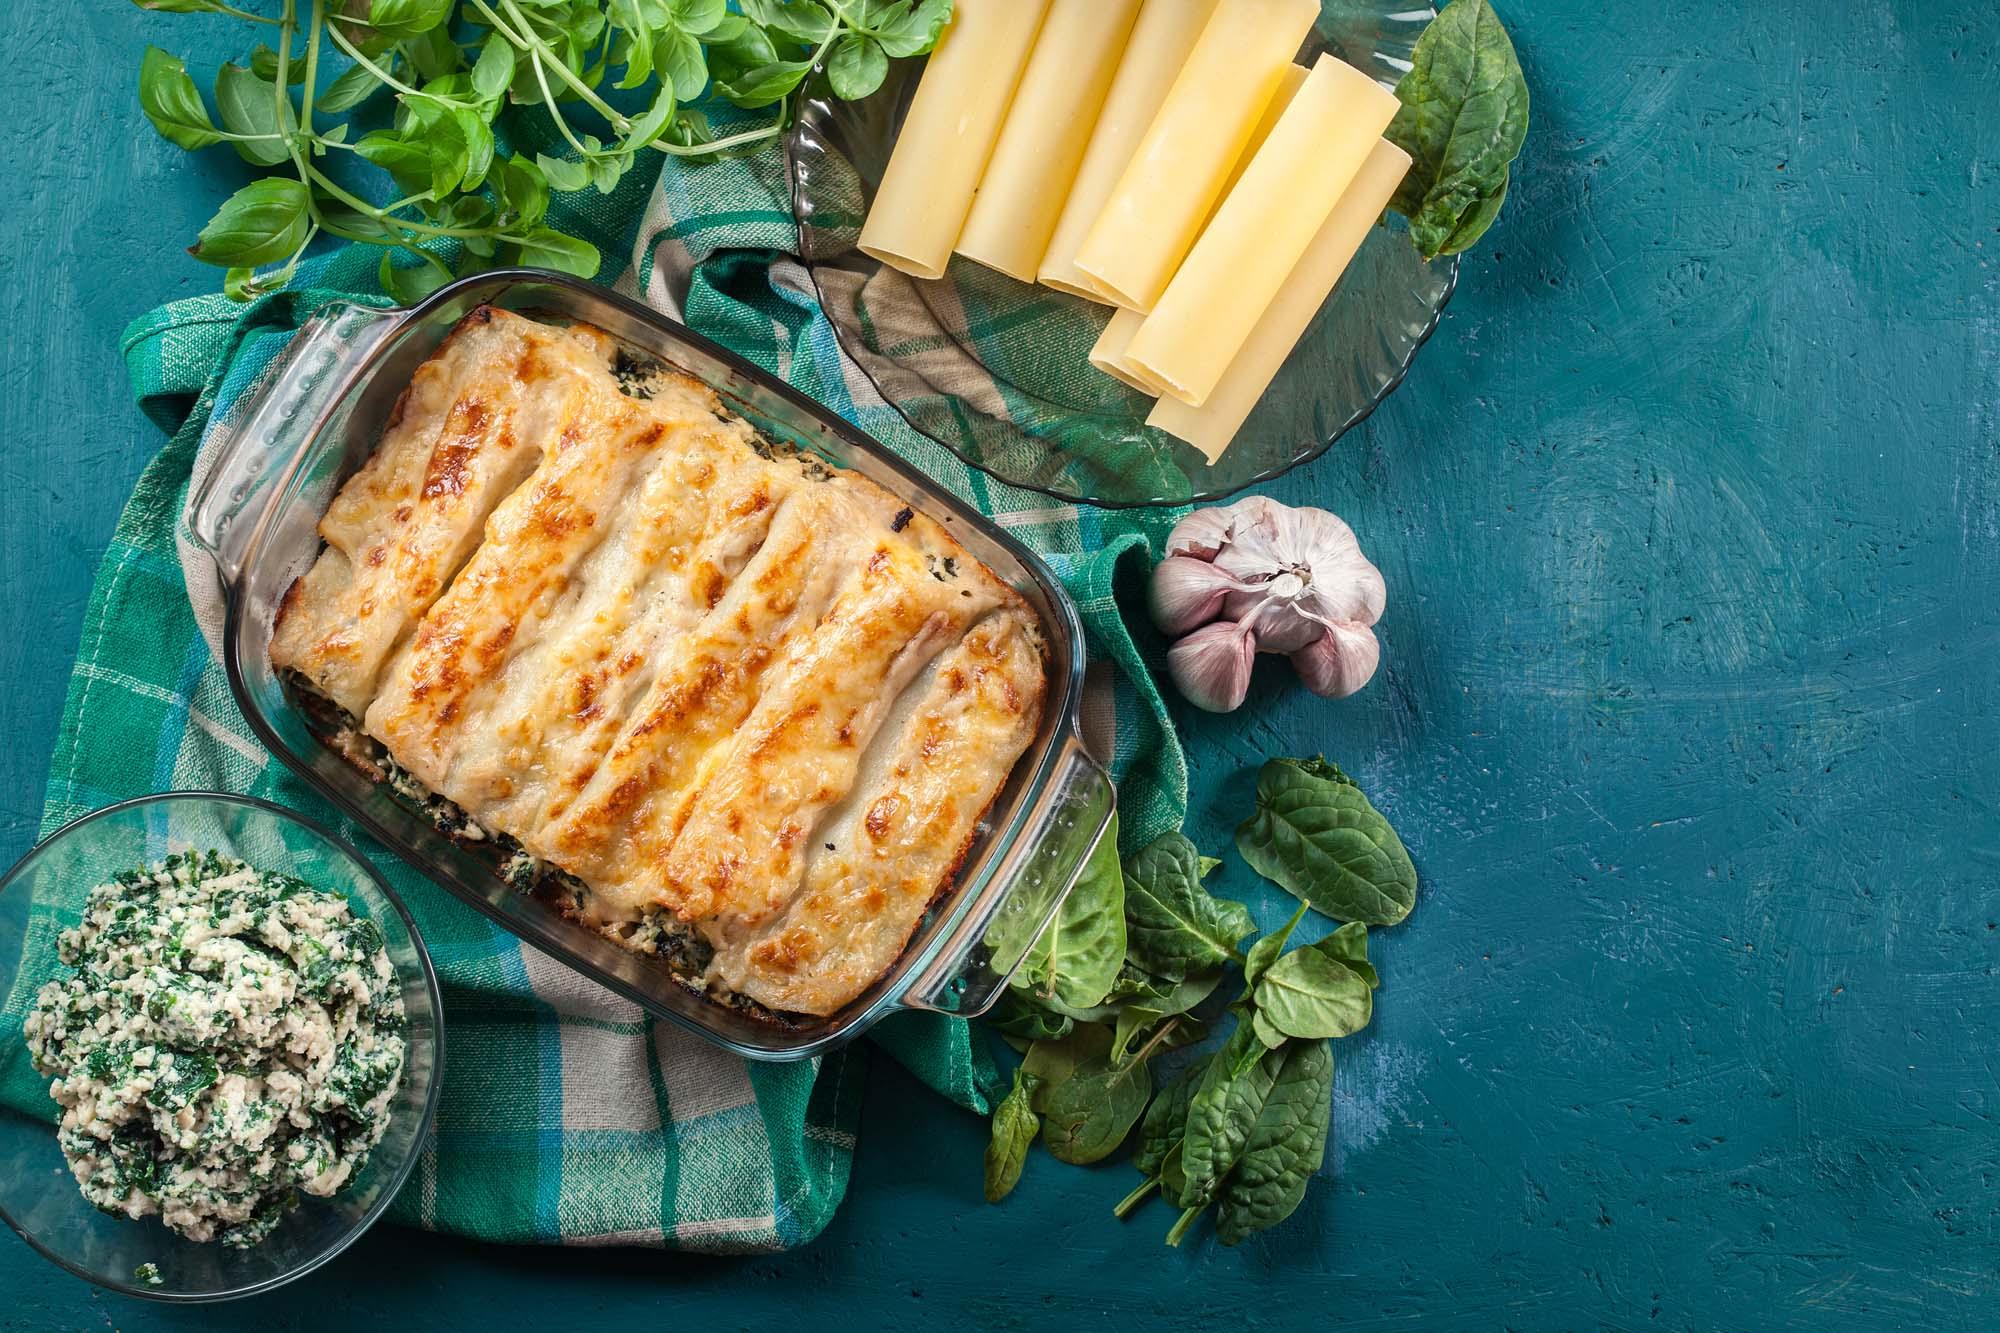 Cannelloni classic